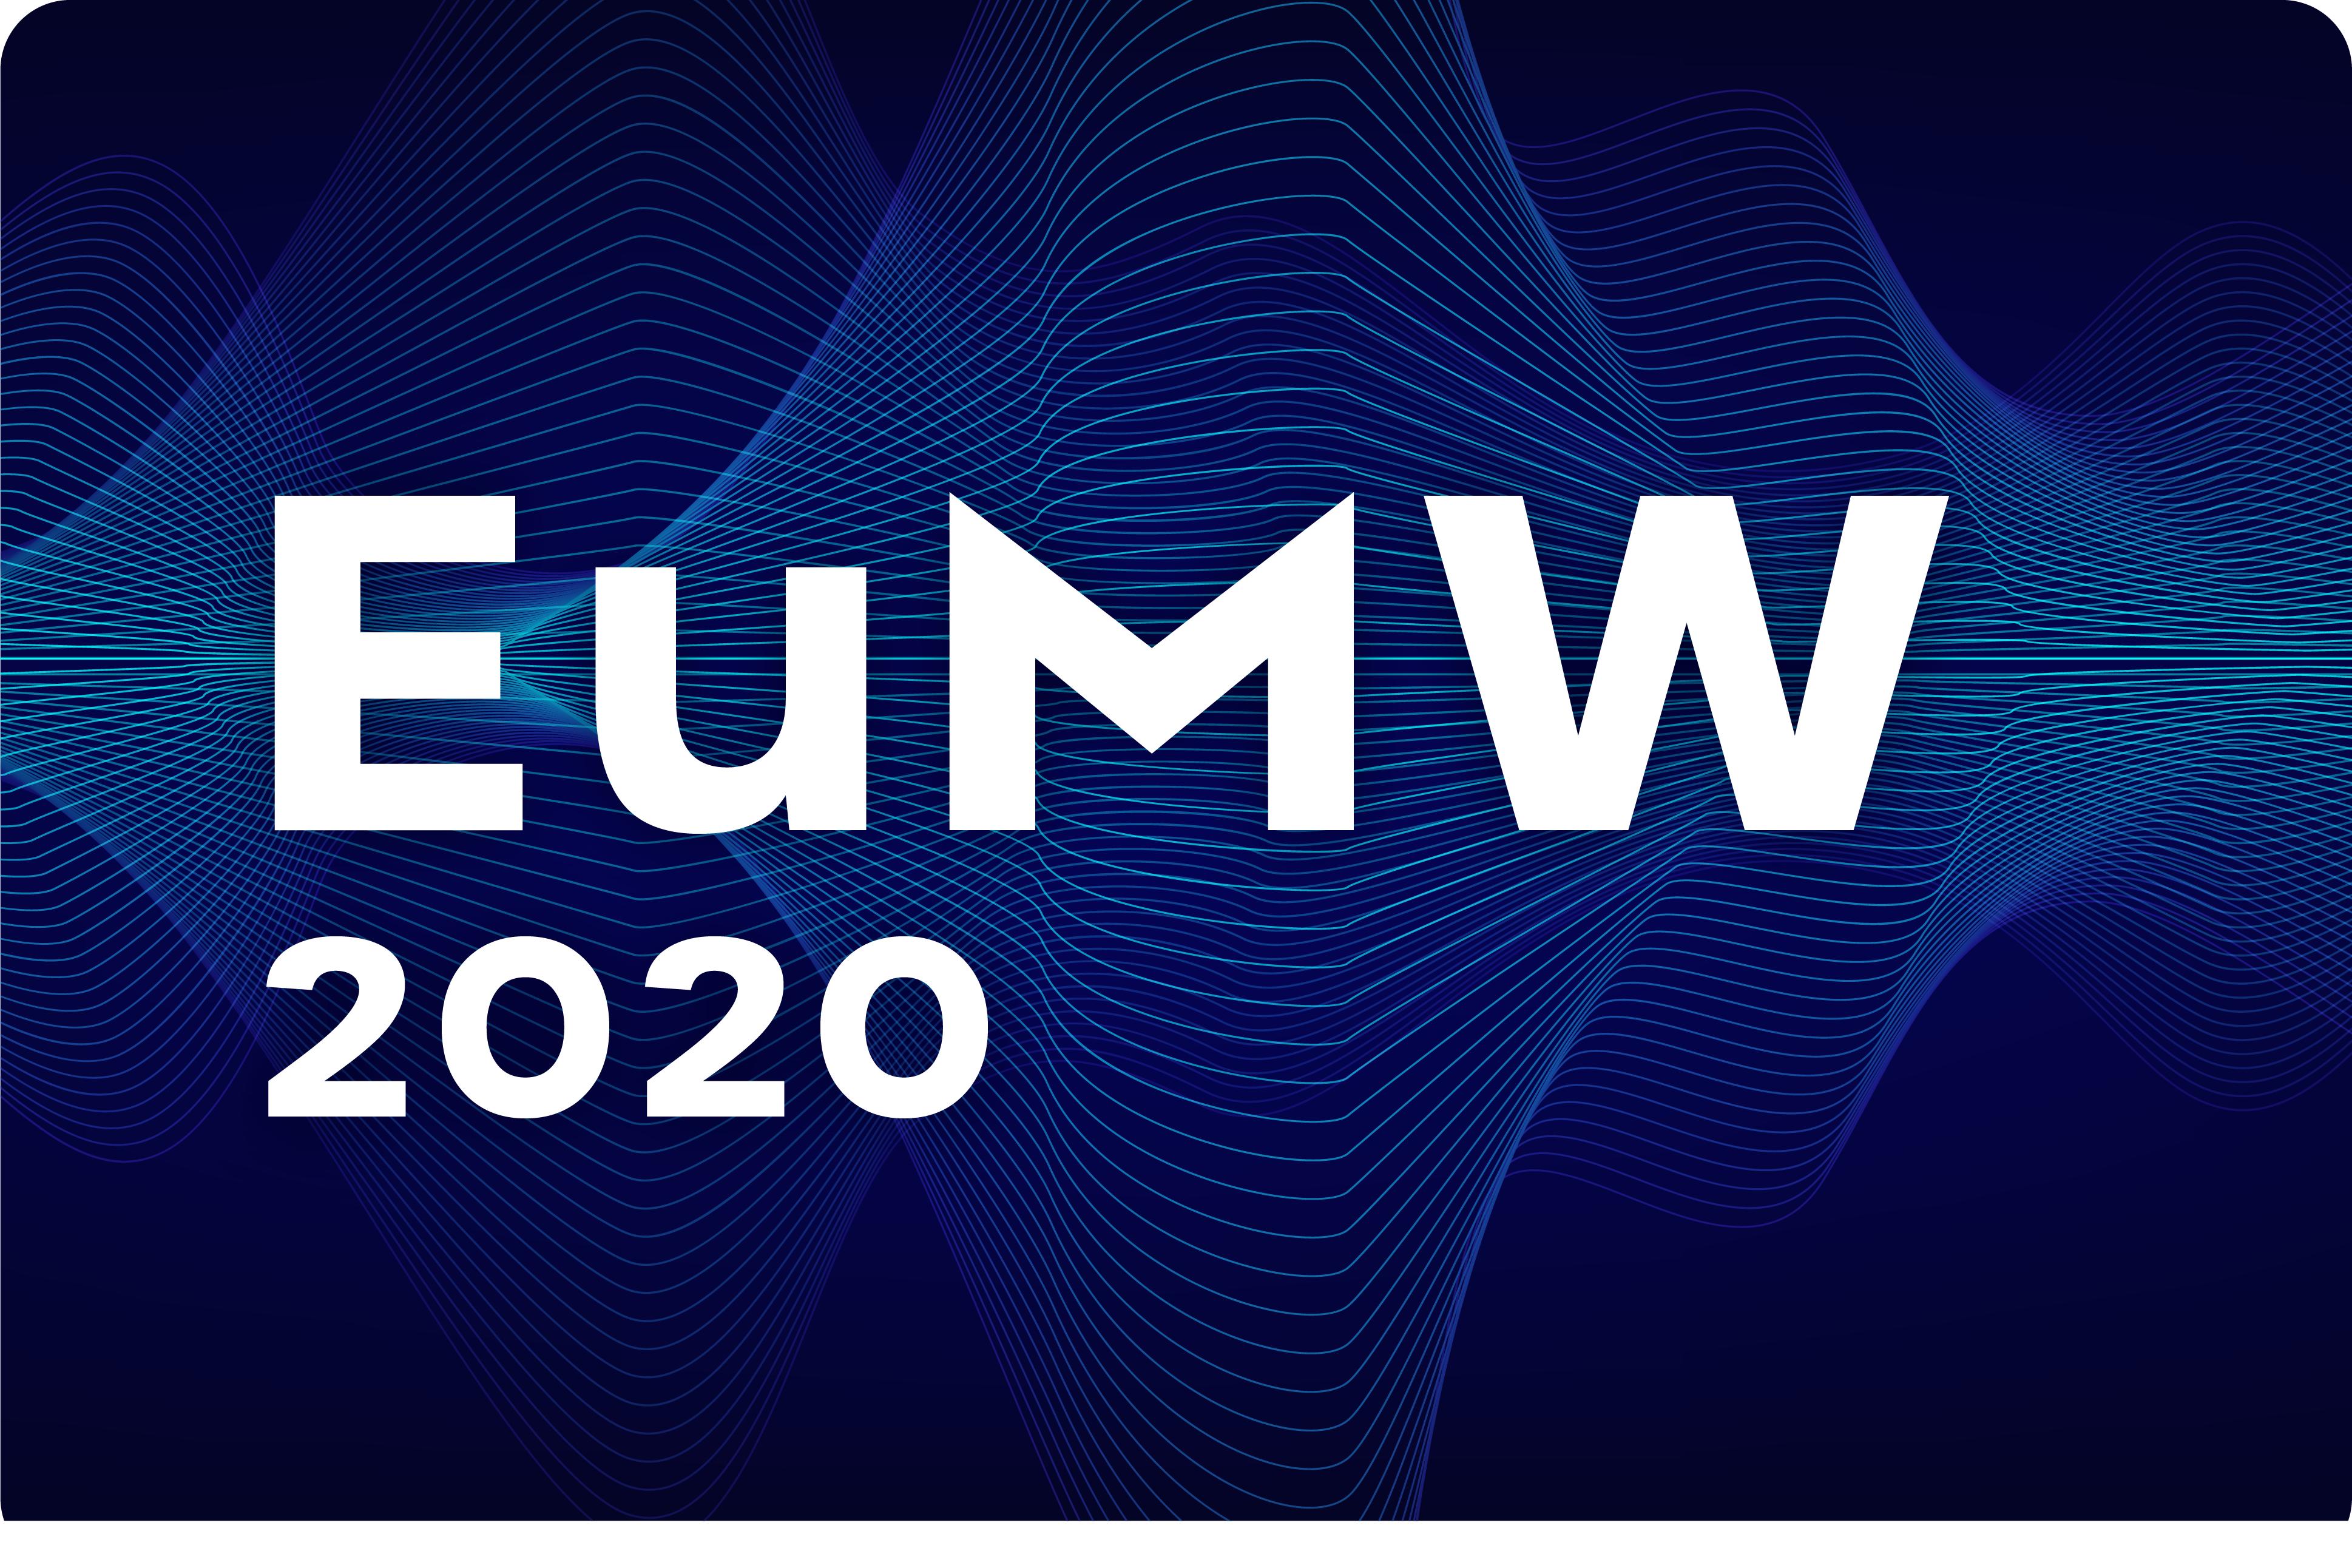 European Microwave Week 2020